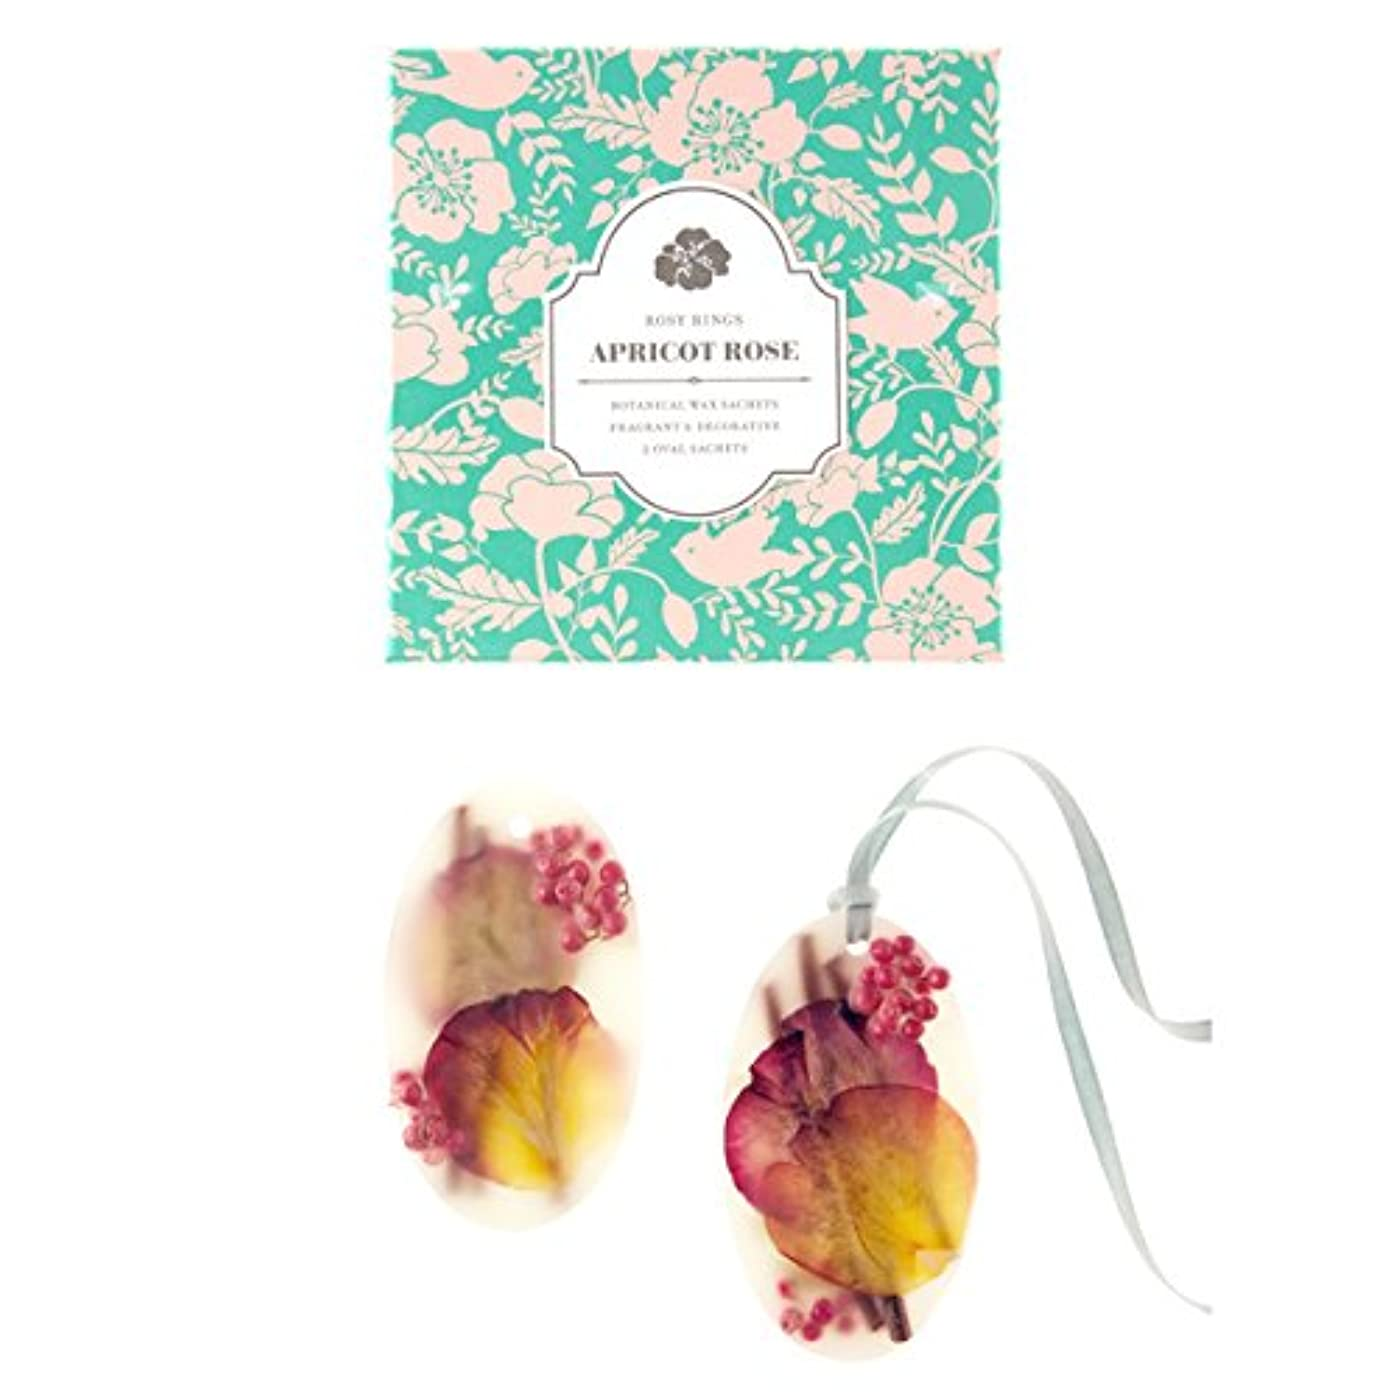 計算行為遮るロージーリングス ボタニカルワックスサシェ オーバル アプリコット&ローズ ROSY RINGS Signature Collection Botanical Wax Sachets – Apricot Rose